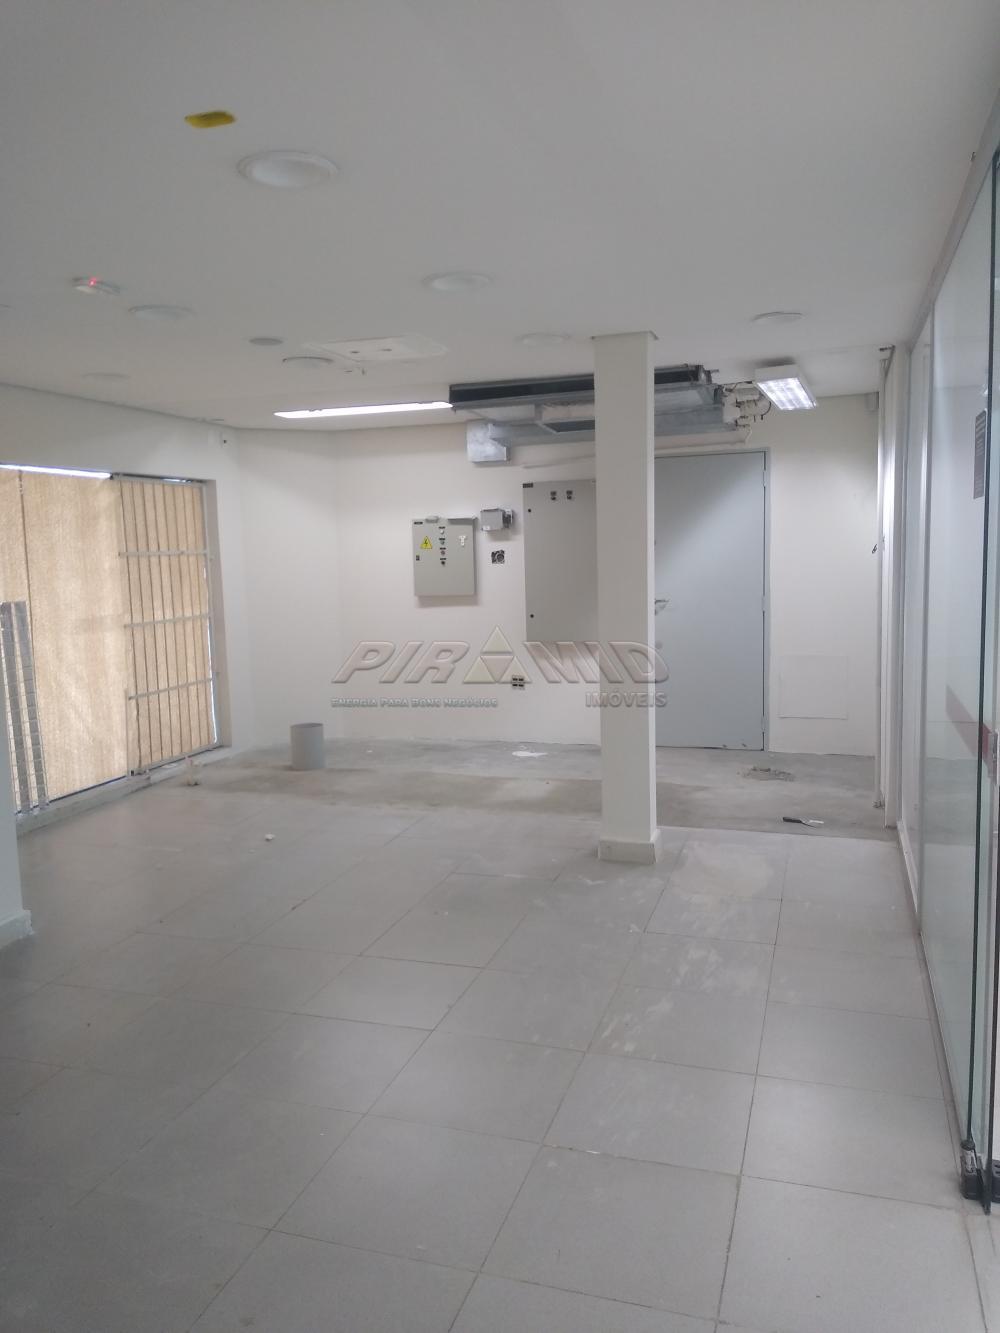 Alugar Comercial / Prédio em Ribeirão Preto apenas R$ 16.000,00 - Foto 25